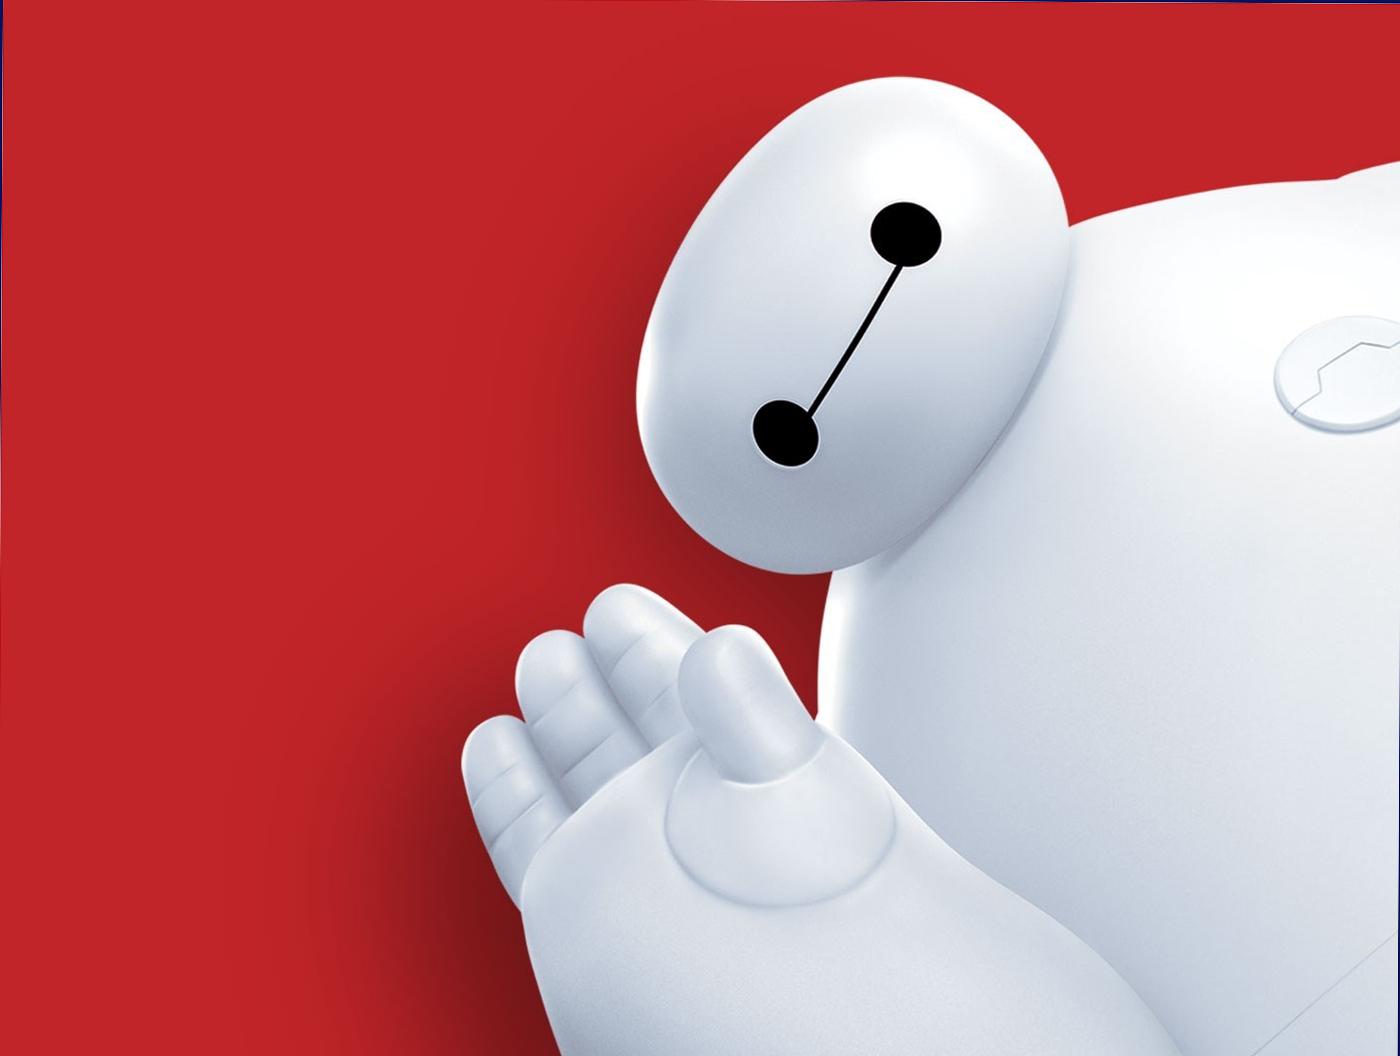 ¡Balalala! Big Hero 6 tendrá una serie animada en Disney XD